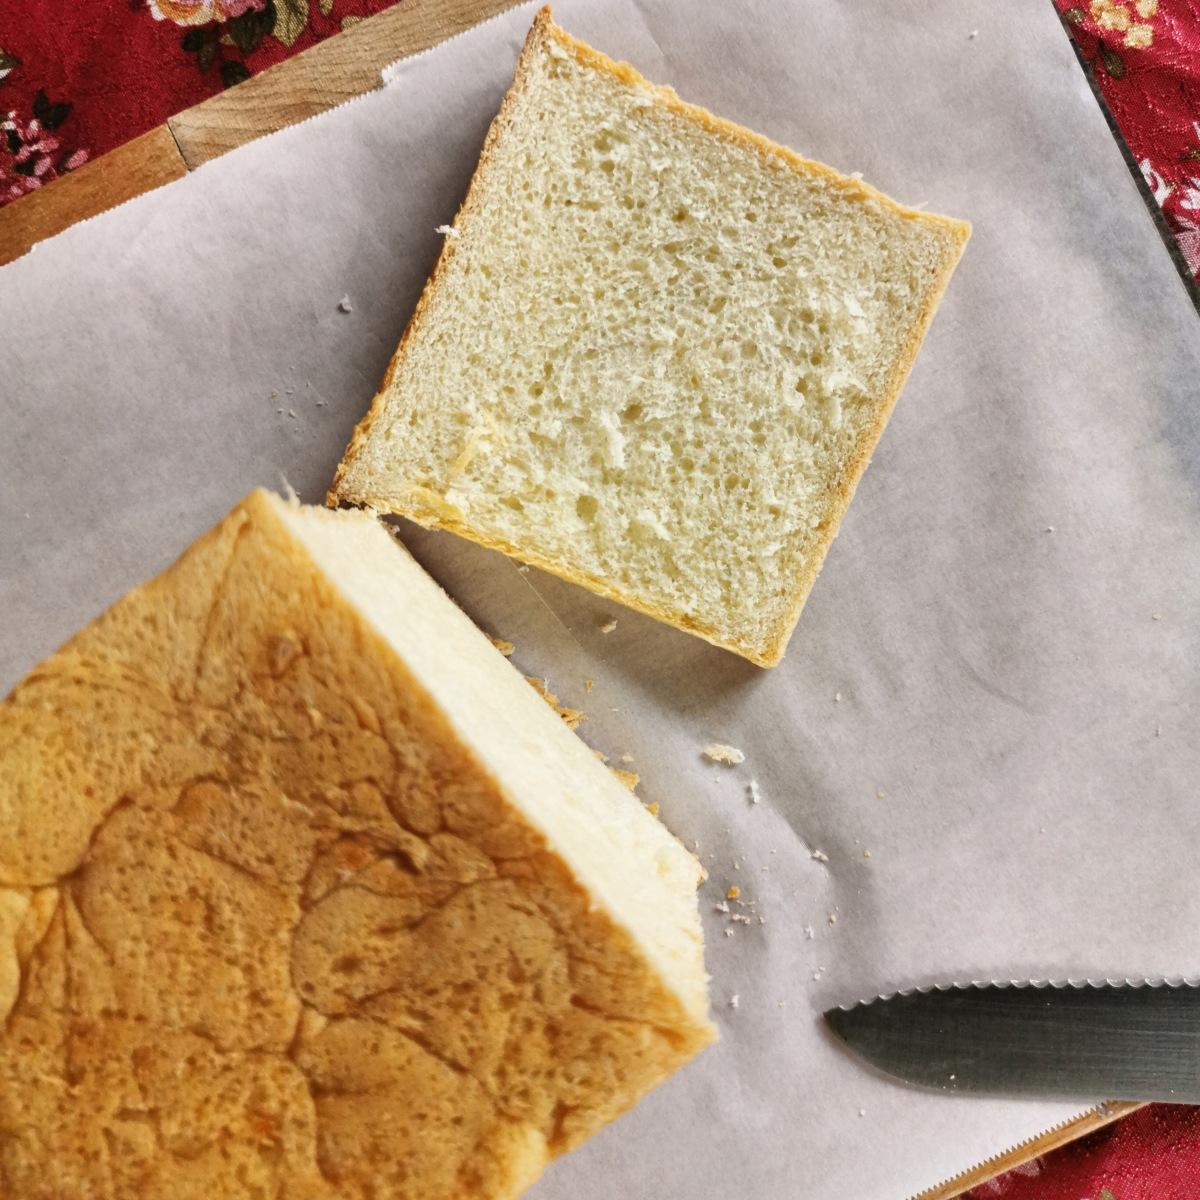 Resepi Roti Putih Tanpa MenggunakanMesin